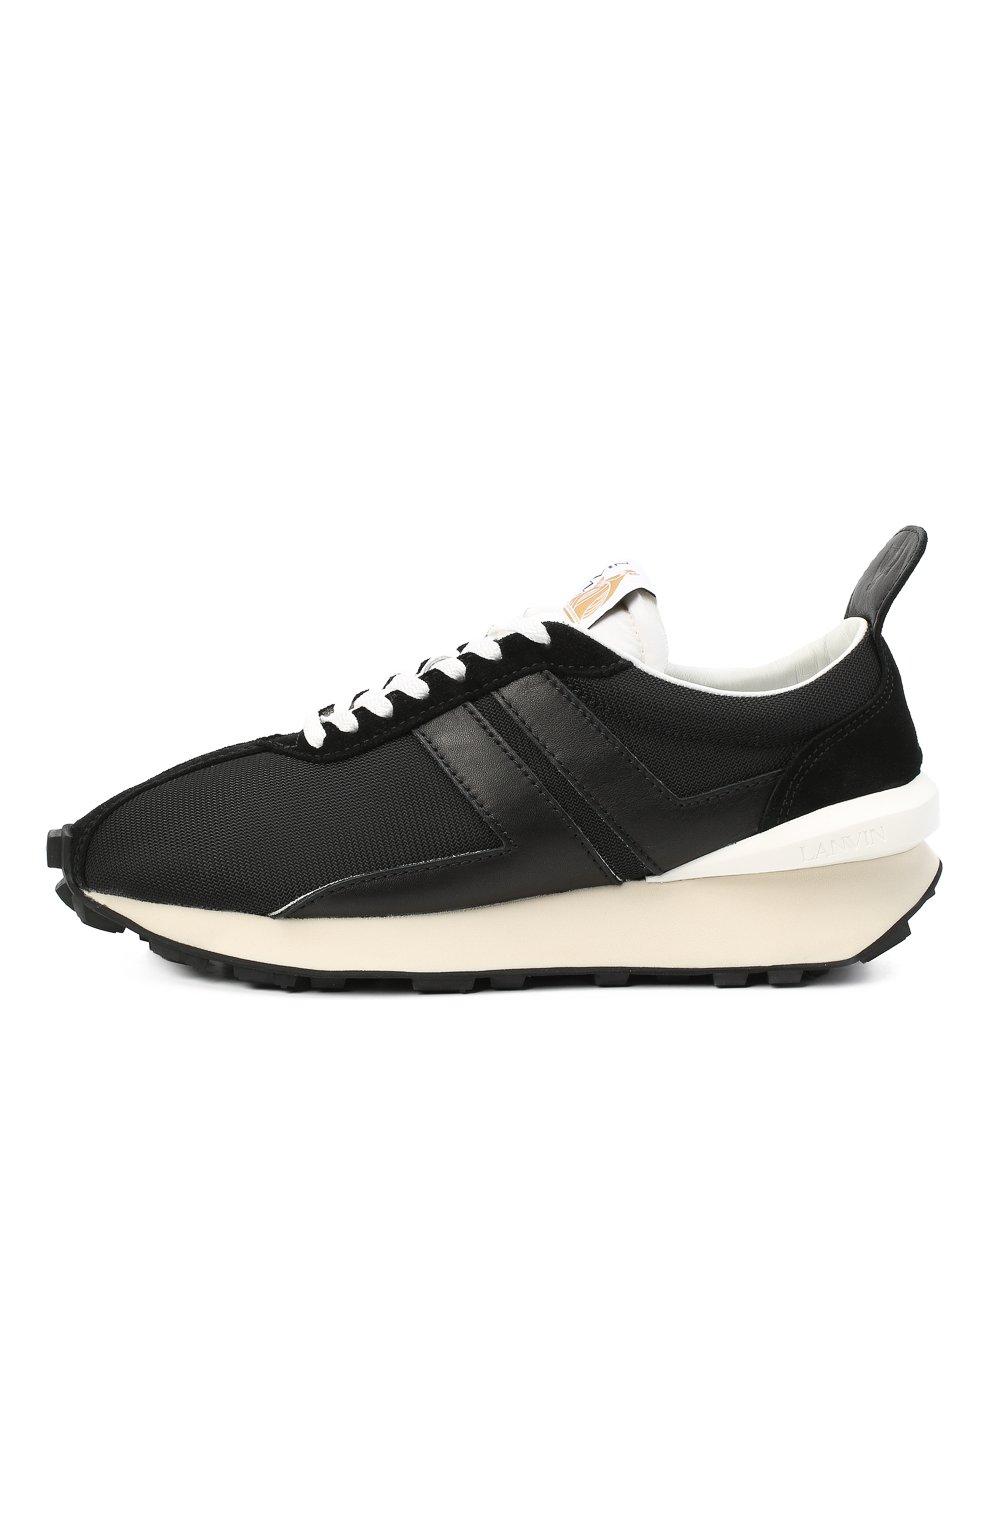 Мужские комбинированные кроссовки LANVIN черного цвета, арт. FM-SKBRUC-DRAG-A20   Фото 3 (Материал внешний: Текстиль; Материал внутренний: Натуральная кожа, Текстиль; Стили: Гранж; Подошва: Массивная)